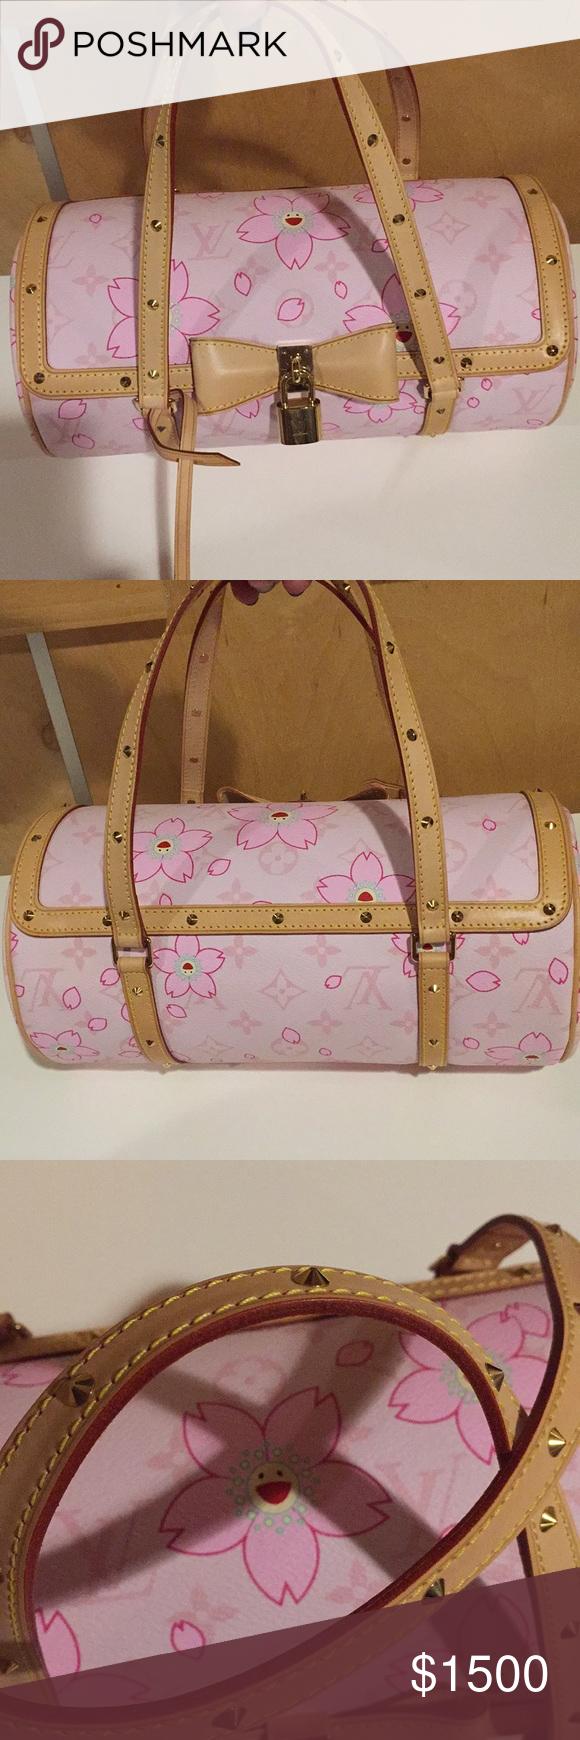 0ba7c392a26 Louis Vuitton Murakami Papillon cherry blossom bag Boutique